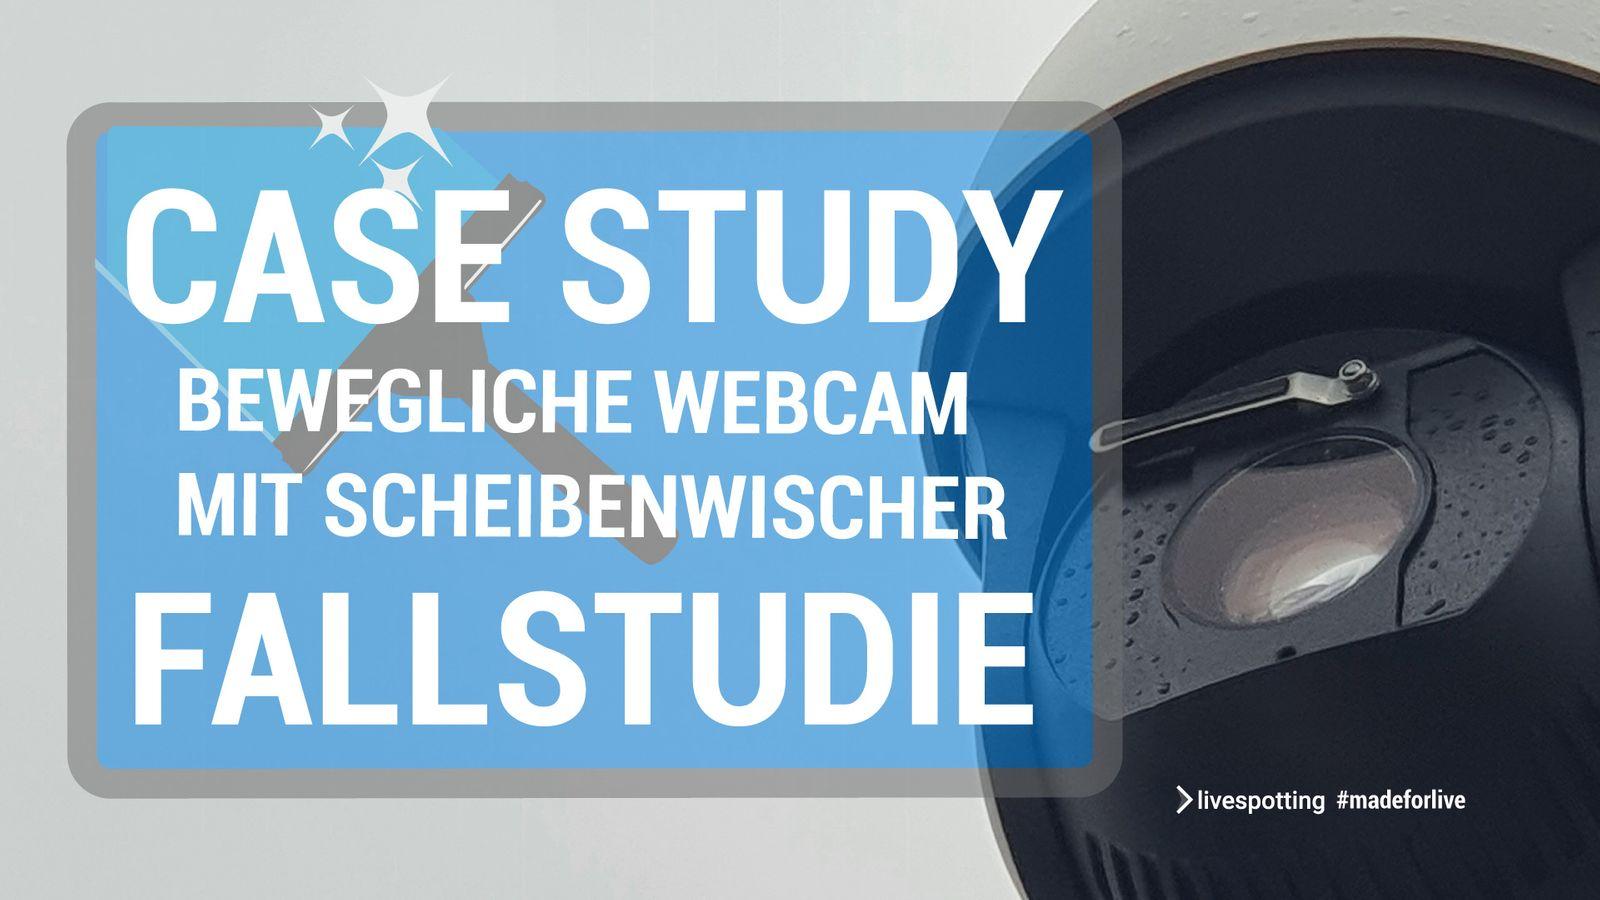 Case Study #7 - bewegliche Webcam mit Scheibenwischer